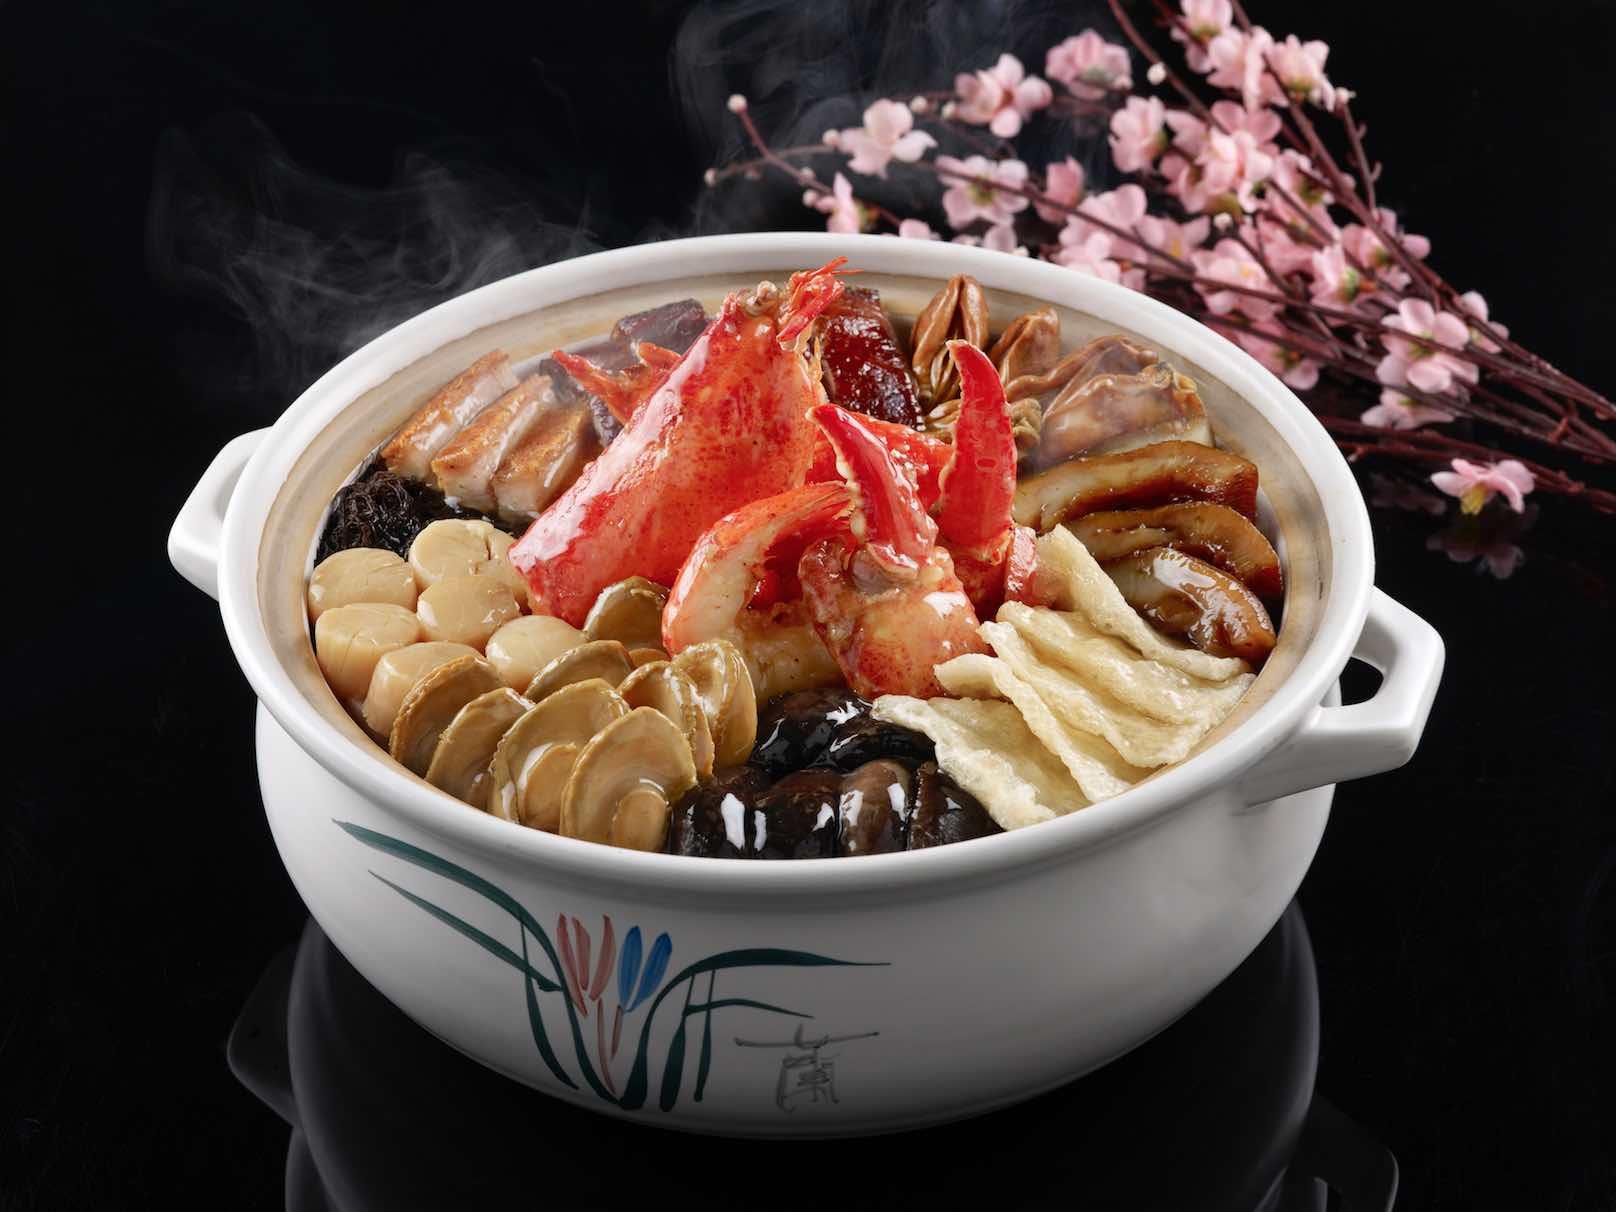 mitzo-lobster-pen-cai-aspirantsg